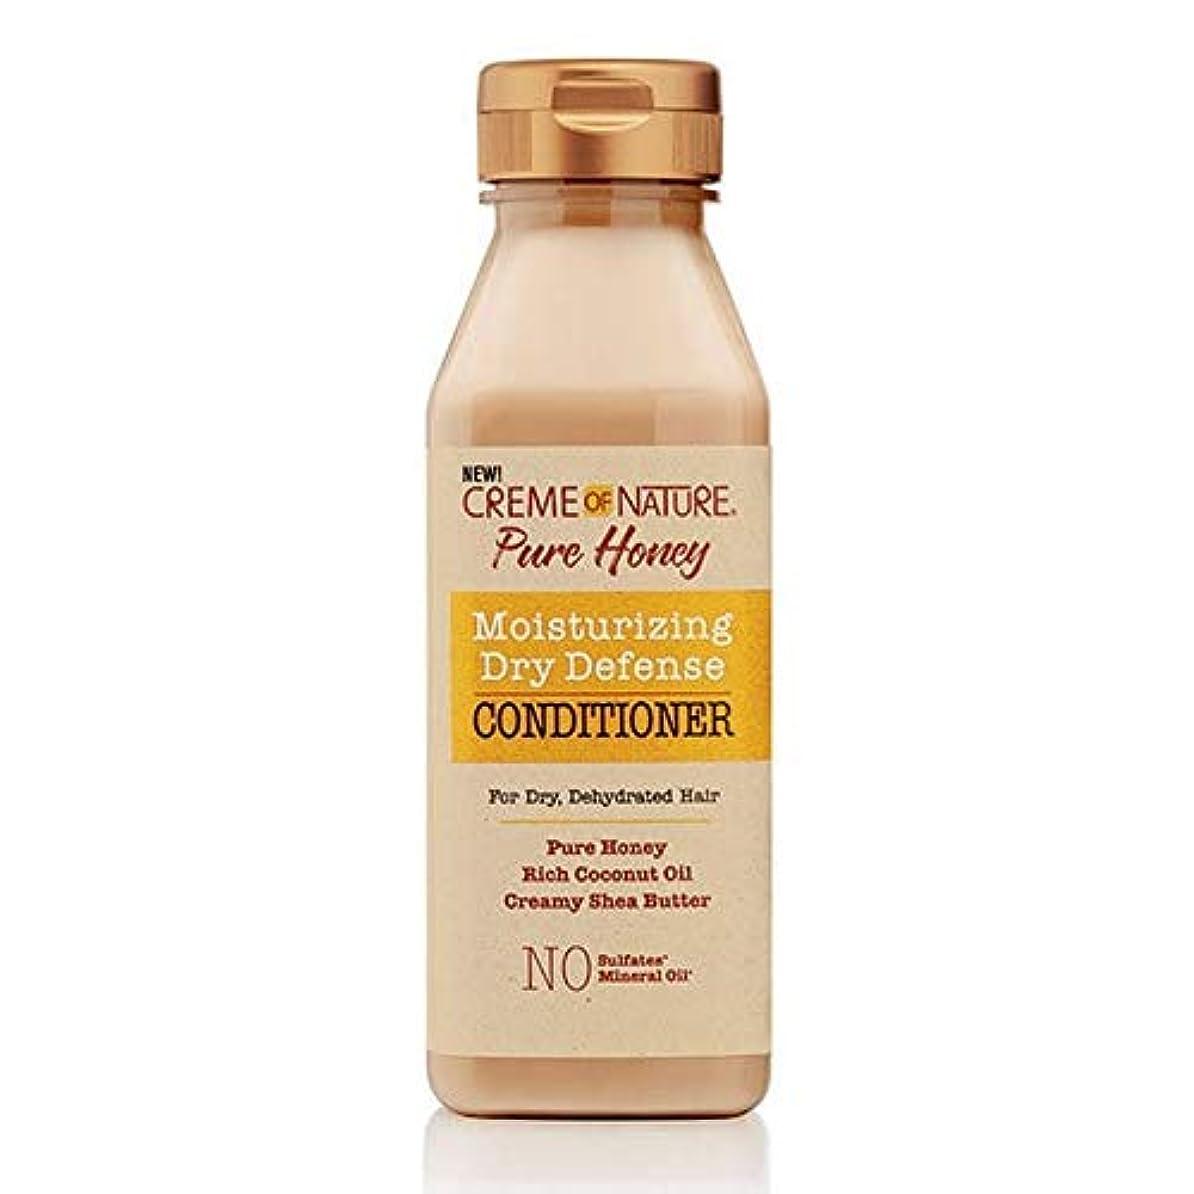 冷蔵するサイドボード配偶者[Creme of Nature ] 自然の純粋蜂蜜ドライ防衛コンディショナー355ミリリットルのクリーム - Creme of Nature Pure Honey Dry Defence Conditioner 355ml...